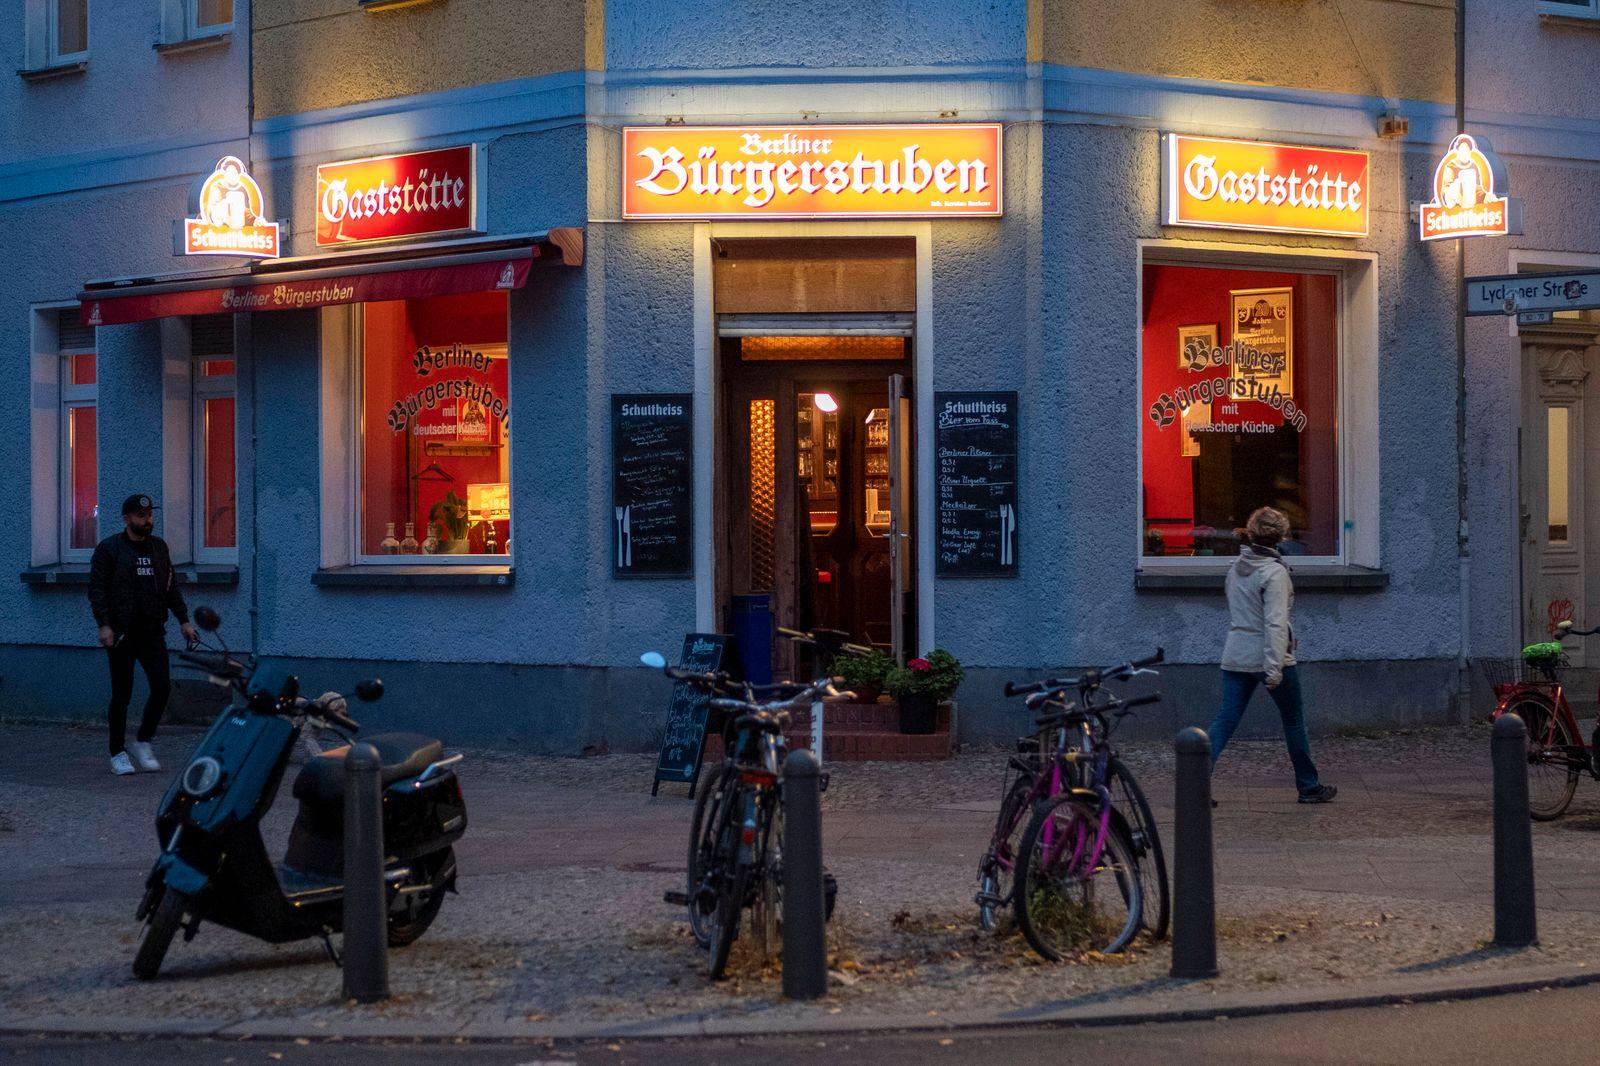 Bürgerstuben in Berlin-Prenzlauer Berg. Ab dem 09.10.2020 gilt zur Eindämmung der Cotona-Pandemie eine Sperstunde (ab 2